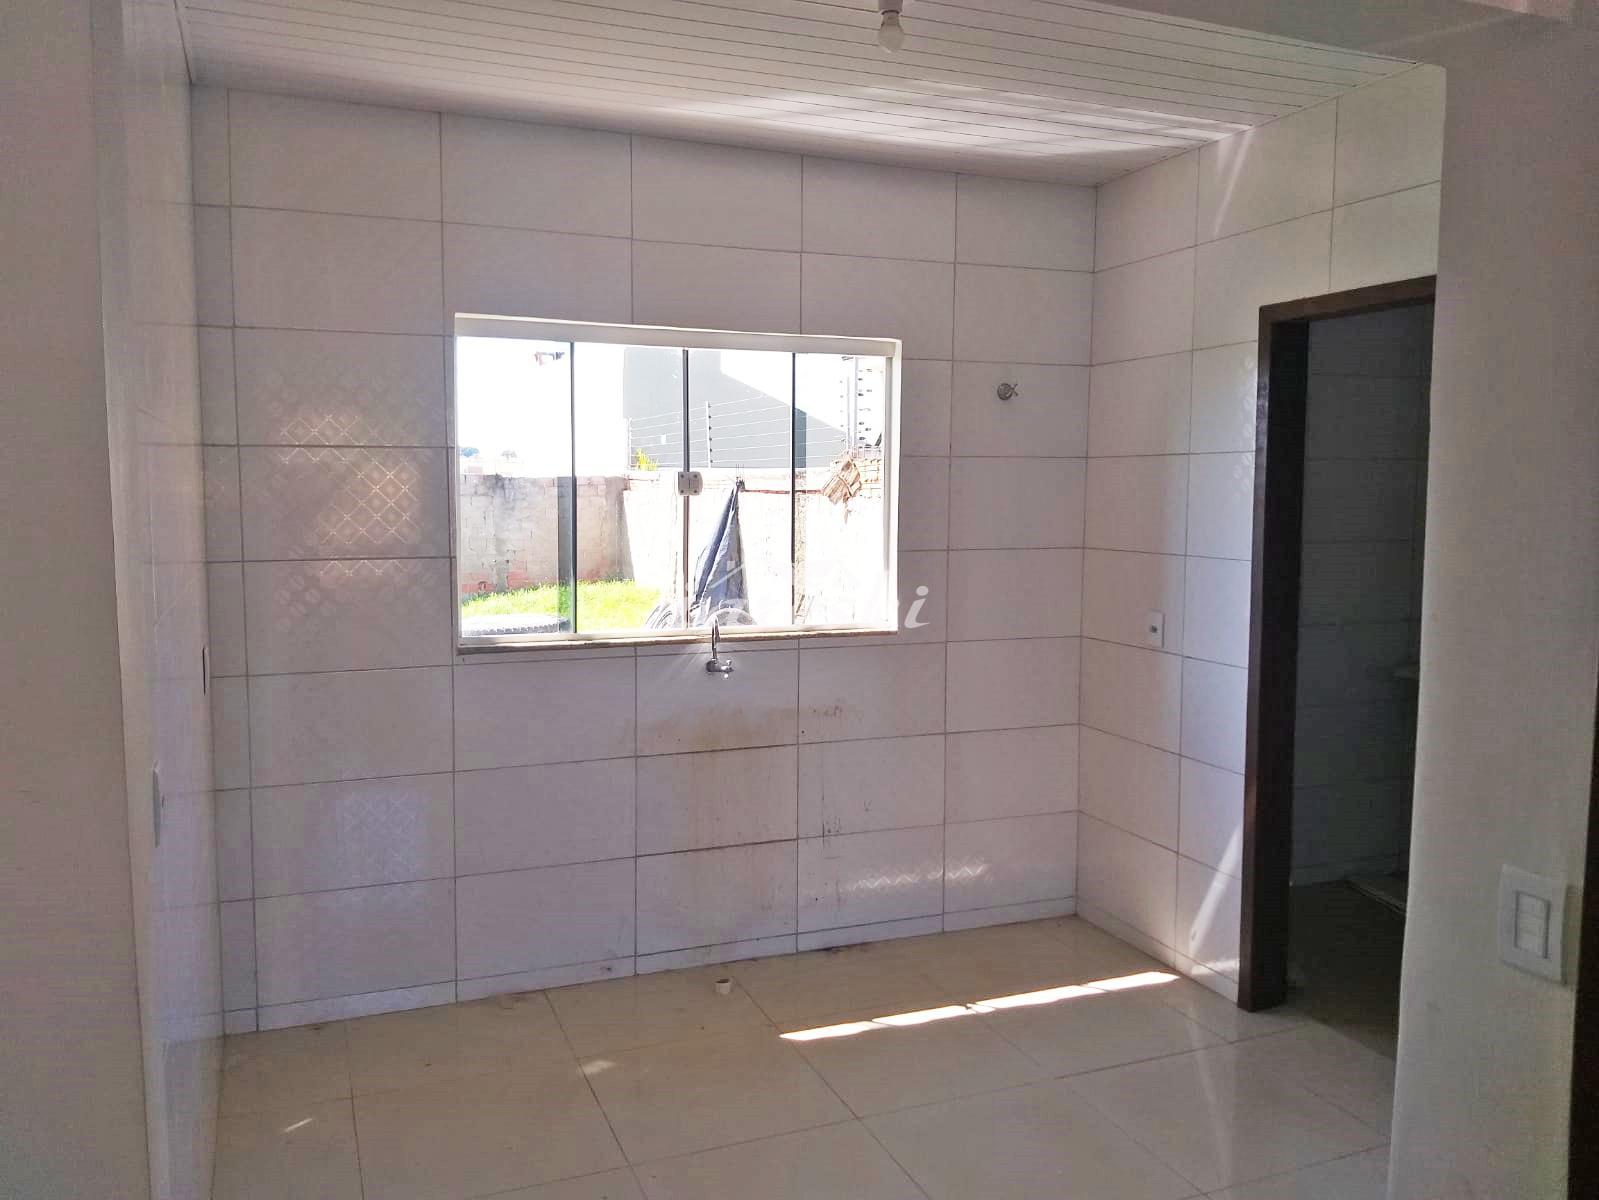 Casa com 2 dormitórios para locação, Dom Giovanni em Foz do Iguaçu/PR